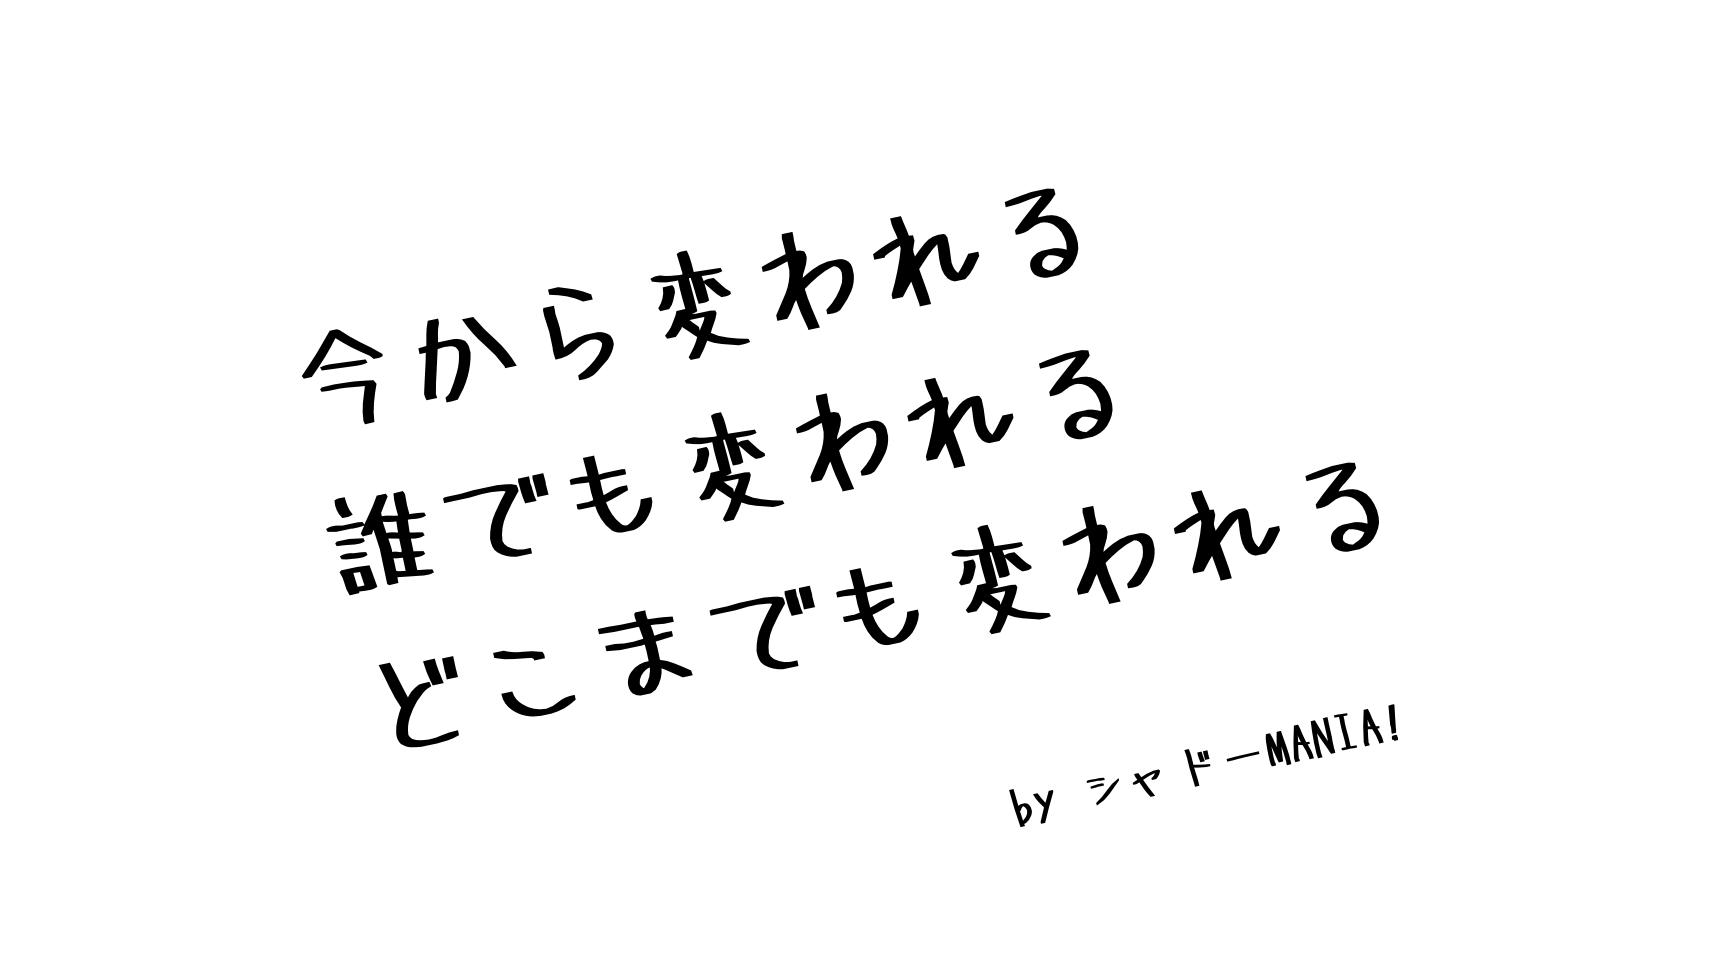 シャドーMANIA! by 西島ダンスK2